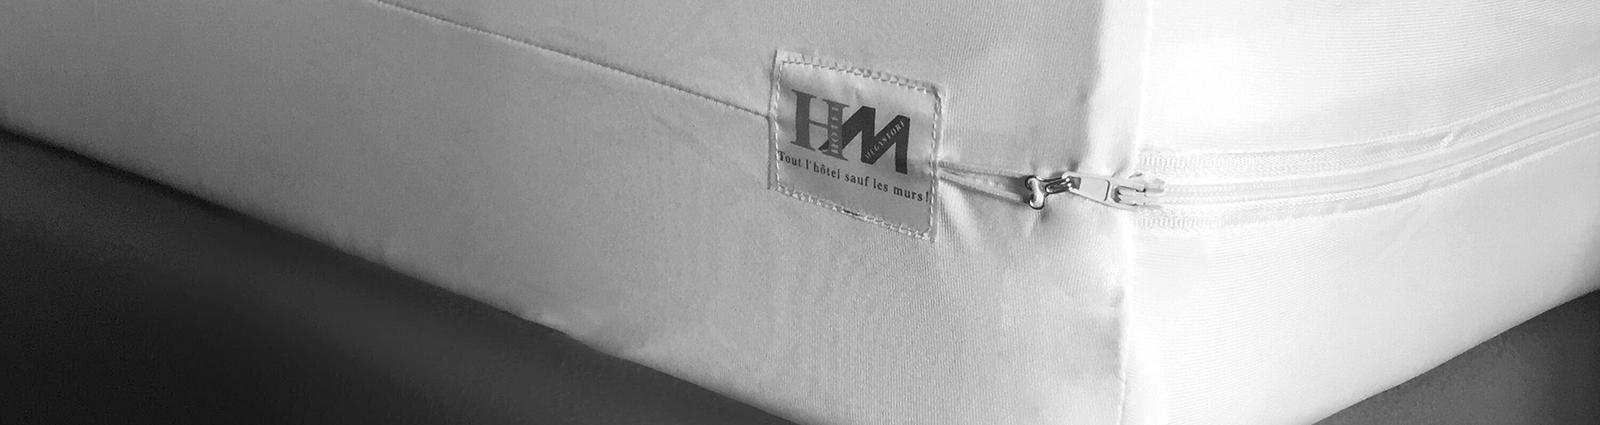 Les traitements préventifs et curatifs pour lutter contre les punaises de lit dans vos hôtels, vos chambres d'hôtes et vos gîtes sont indispensables.<br />HOTEL MEGASTORE vous offre les outils efficaces contre les punaises de lit, les larves et les acariens, en bref toutes ces petites bêtes qui nuisent à vos clients.